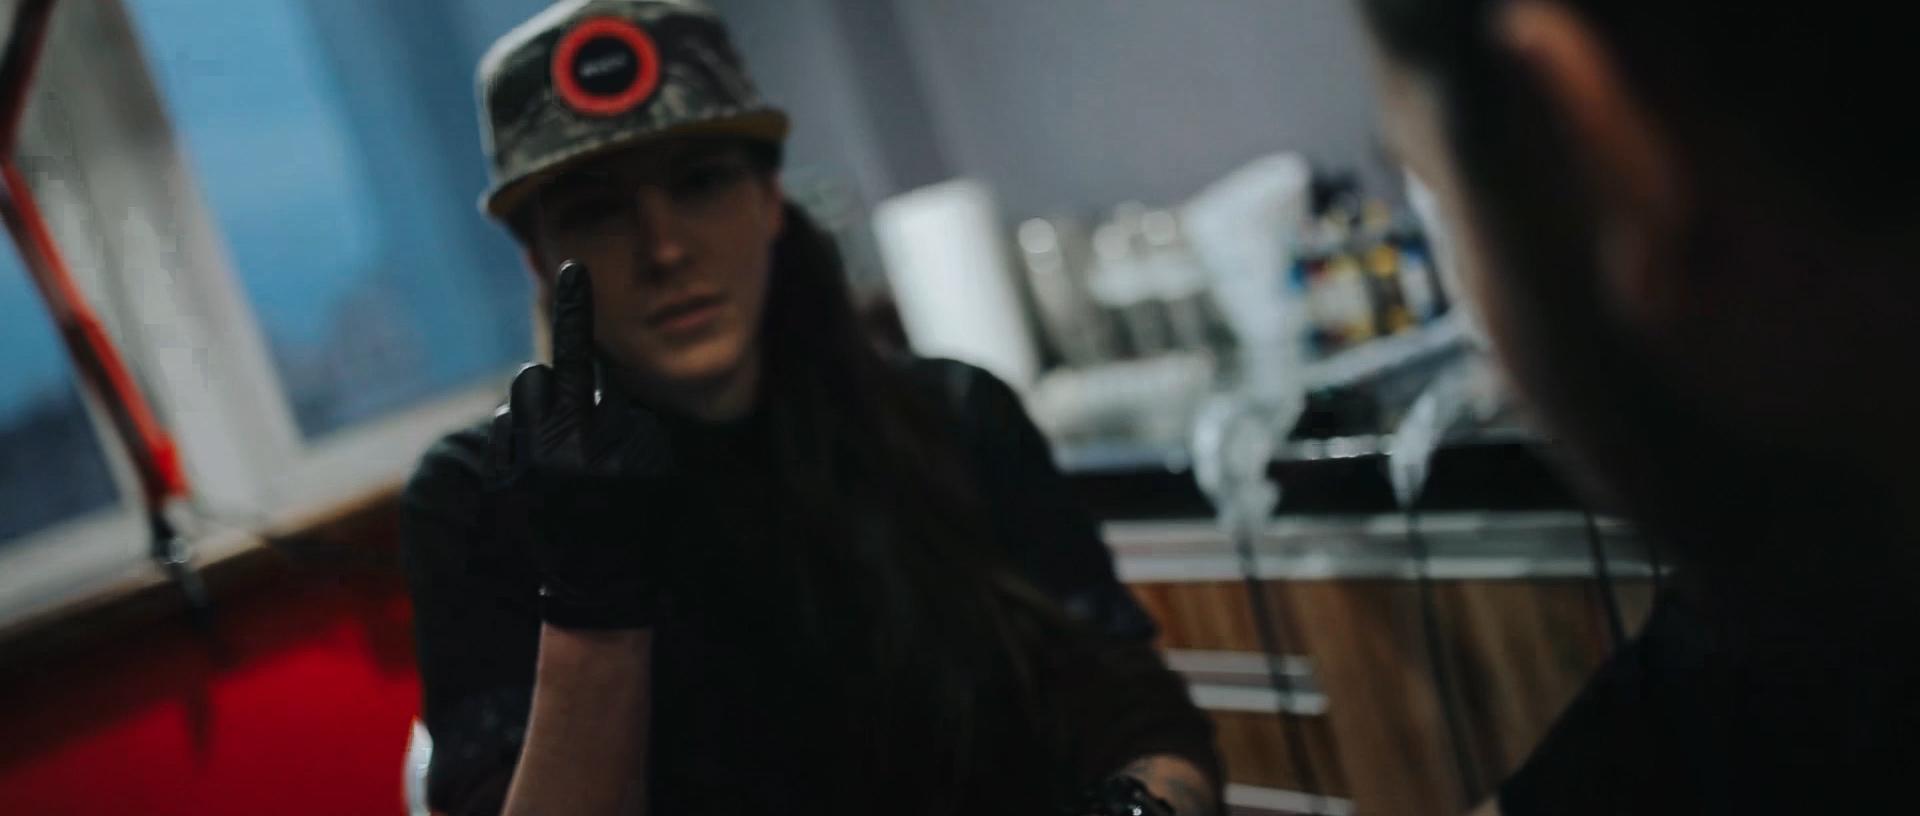 Gabrielle-Pereira-tatuadora-Curitiba-tattoo-ricardo-franzen-love-freedom-madness-producao-de-filme-video-de-tattoo-into-the-skin (6).jpg